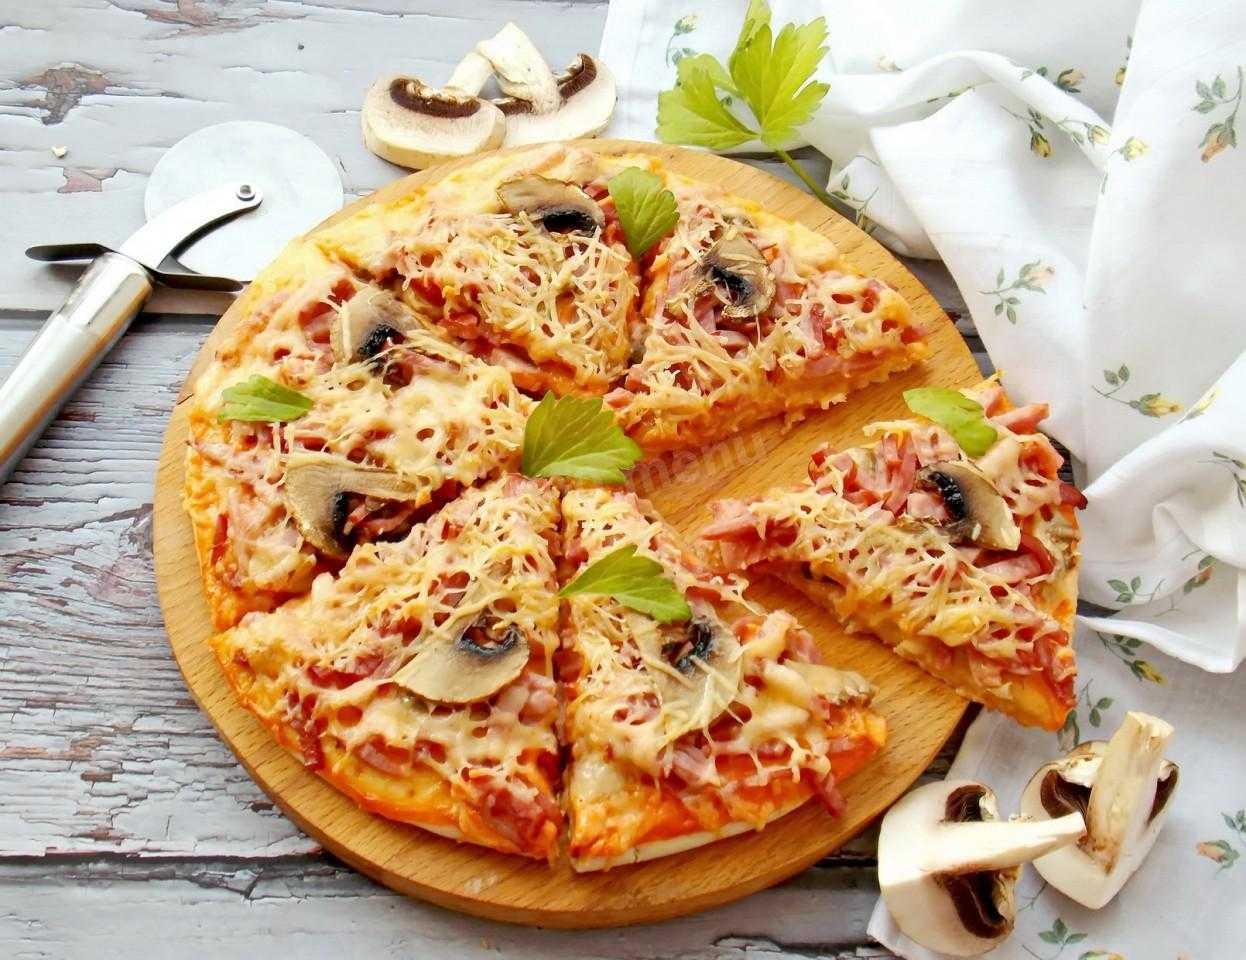 Пицца с грибами, солеными огурцами и колбасой: рецепты с фото в начинке с сыром